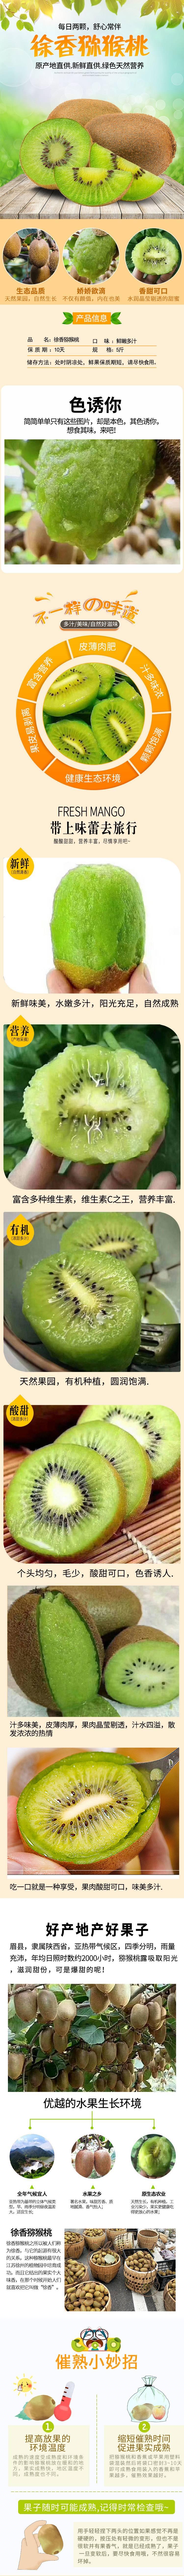 【全国顺丰包邮】徐香猕猴桃,口感无可挑剔¥49.9=5斤大果(21-24个)水润绿心、甜蜜可口、让人陶醉,吃一口就忘不掉